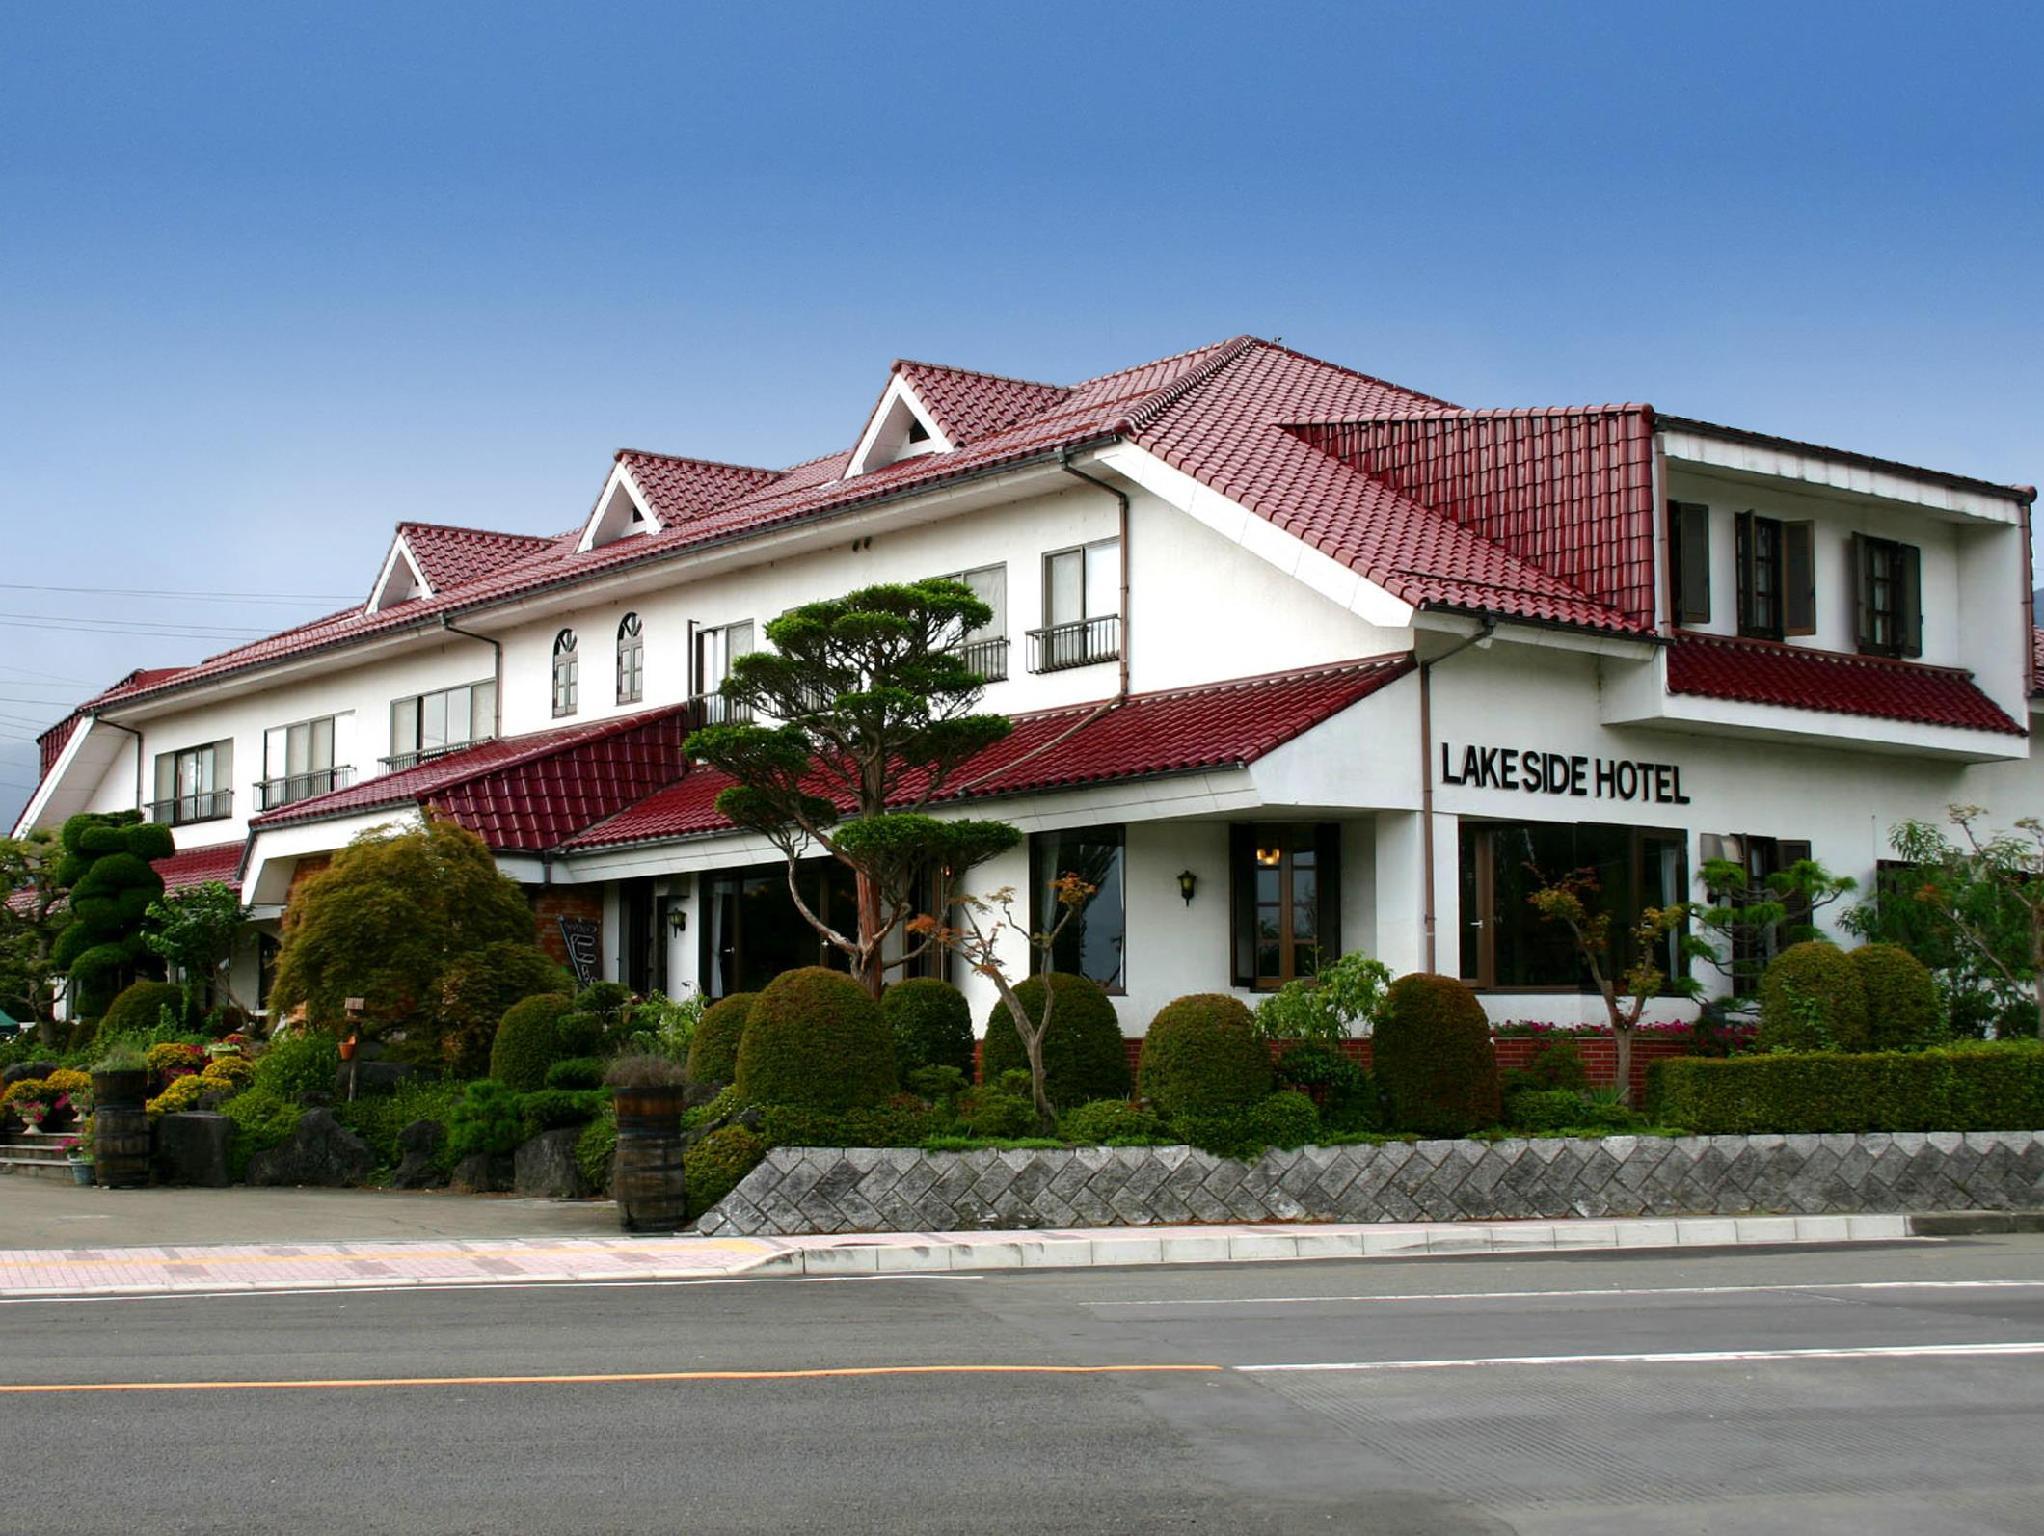 โรงแรมคะวะงุชิโกะ เลคไซด์